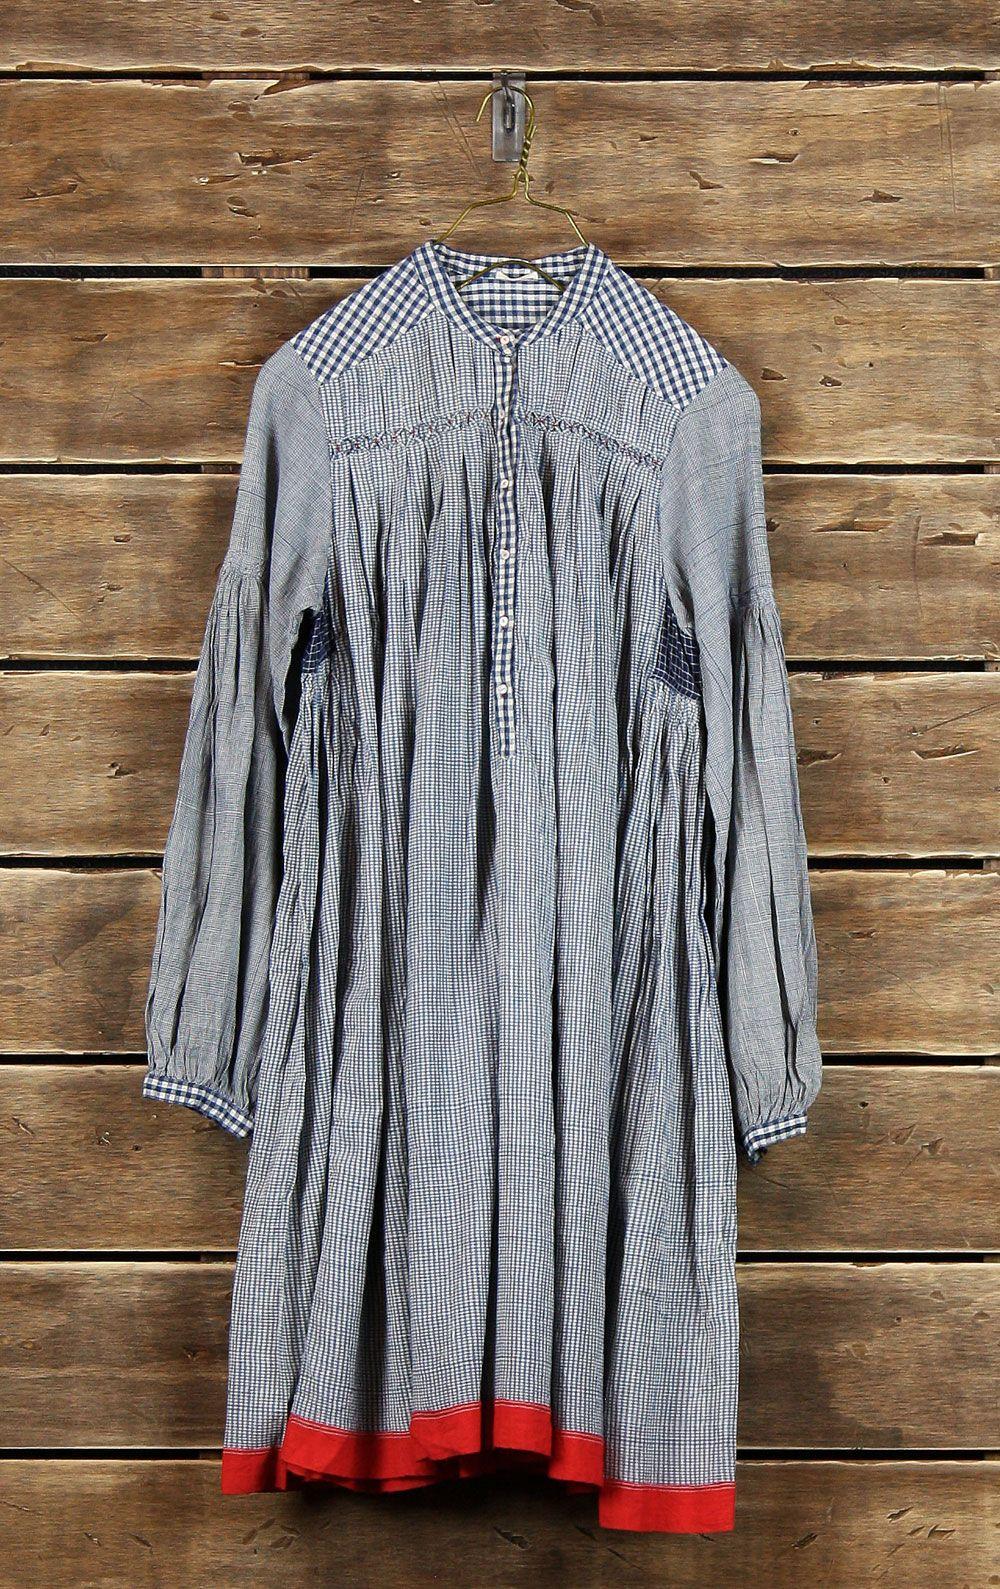 Injiri  __ handmade: hand-dyed, handwoven, hand sewn, etc., in India.